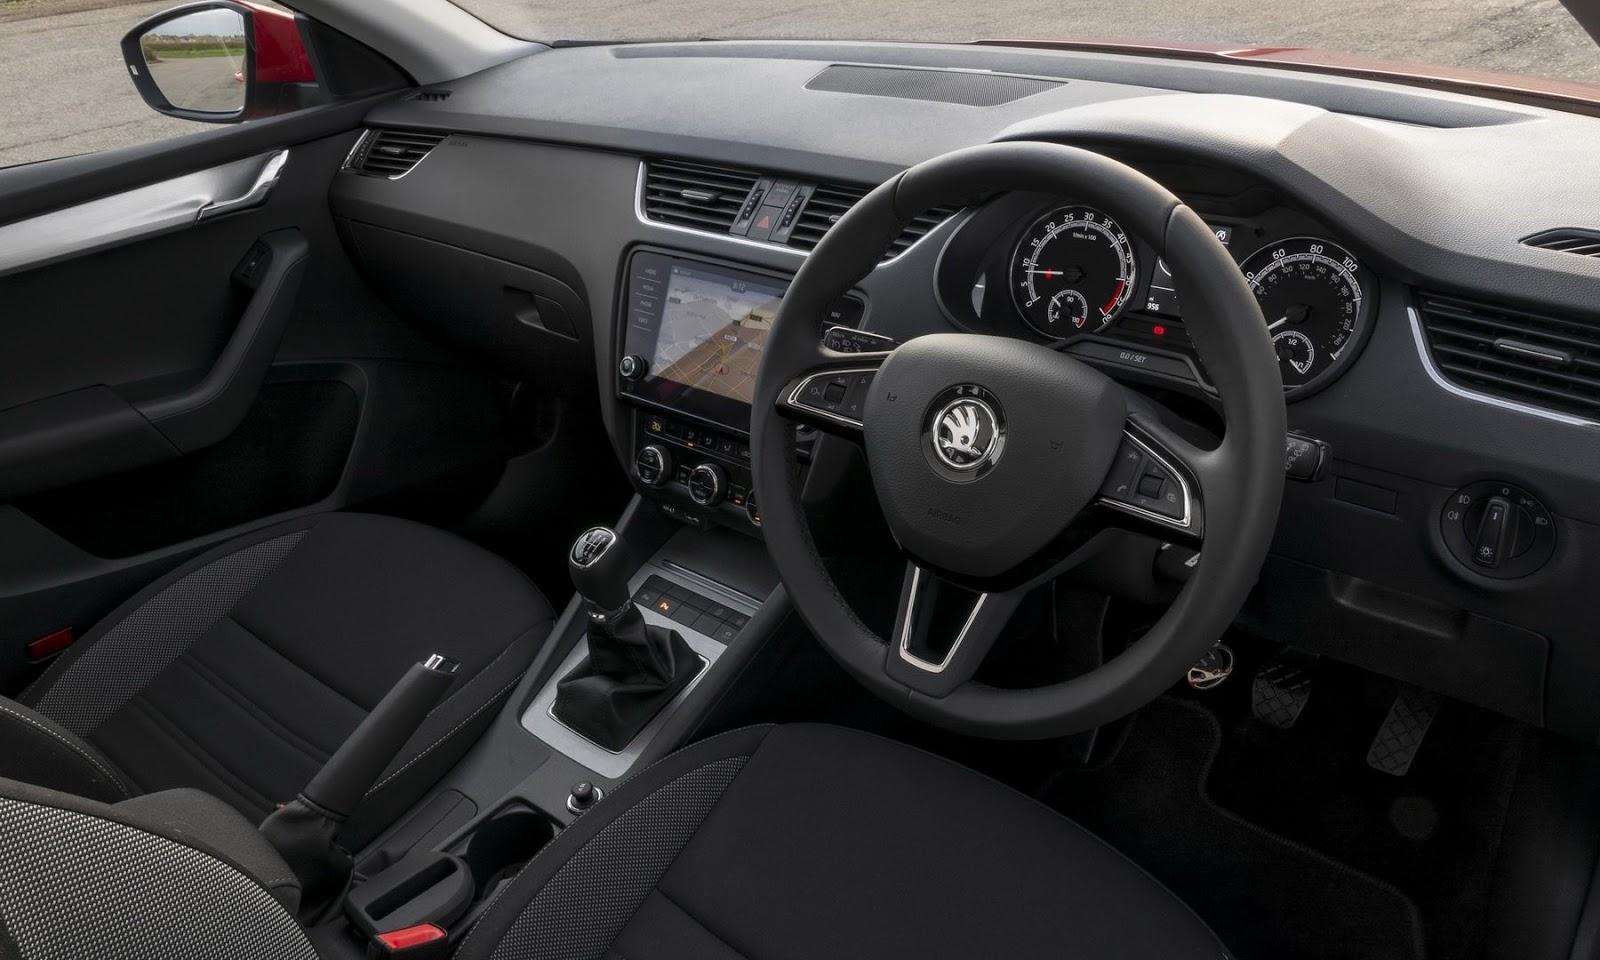 Skoda Octavia SE Drive - MS+ BLOG